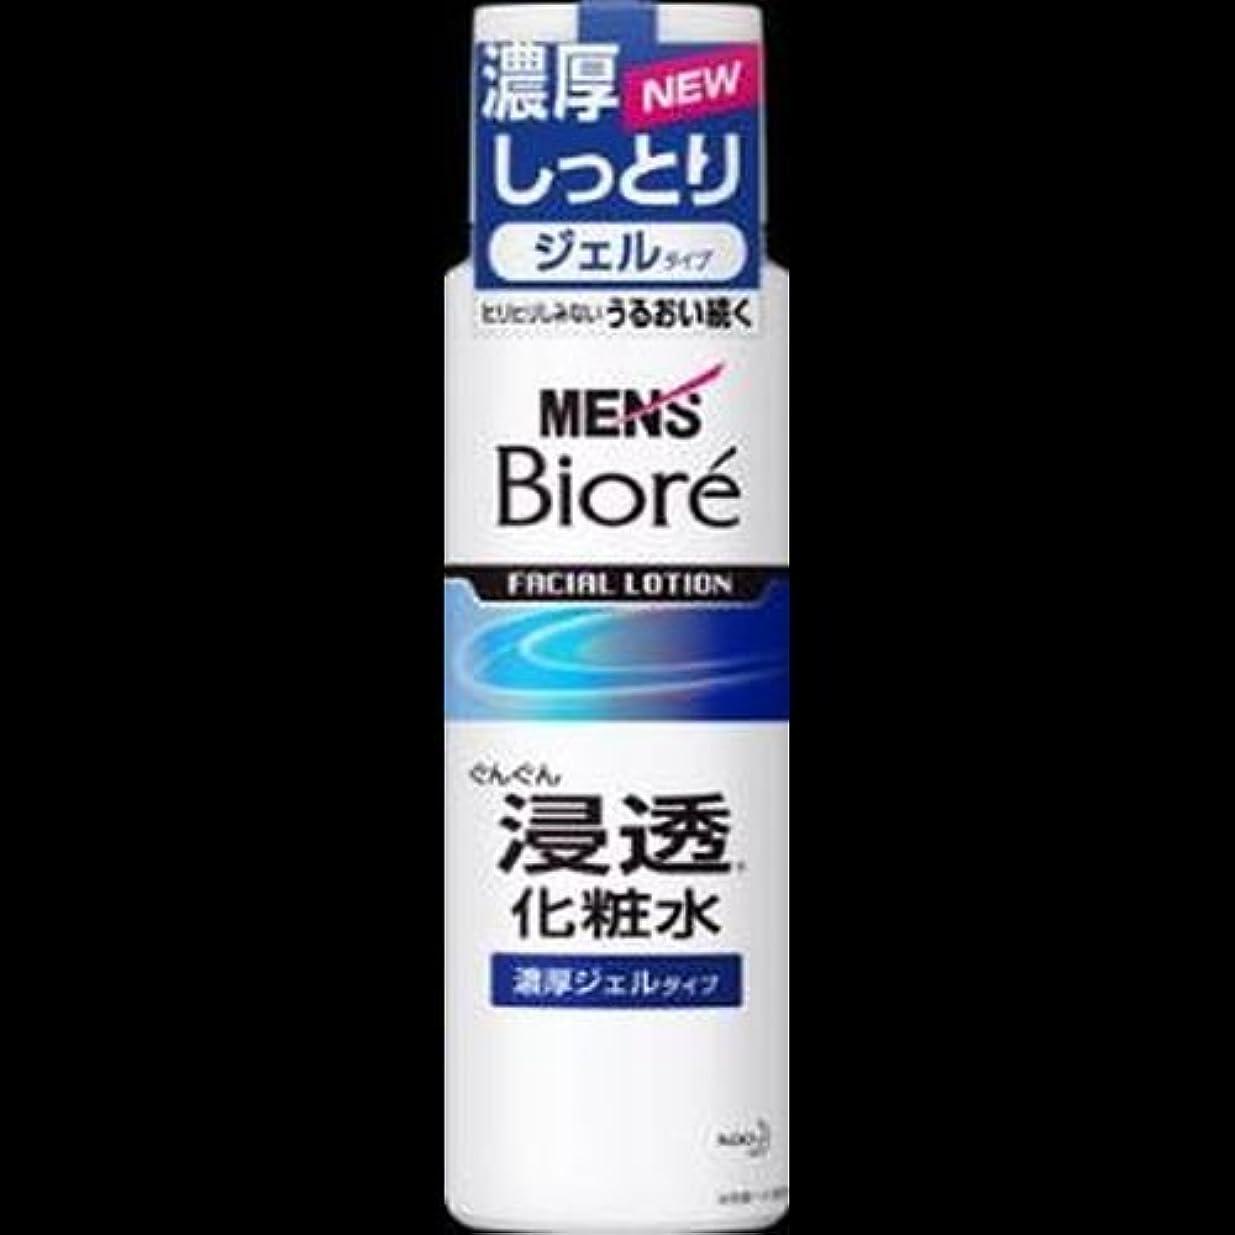 長老生む品種【まとめ買い】メンズビオレ 浸透化粧水 濃厚ジェルタイプ ×2セット